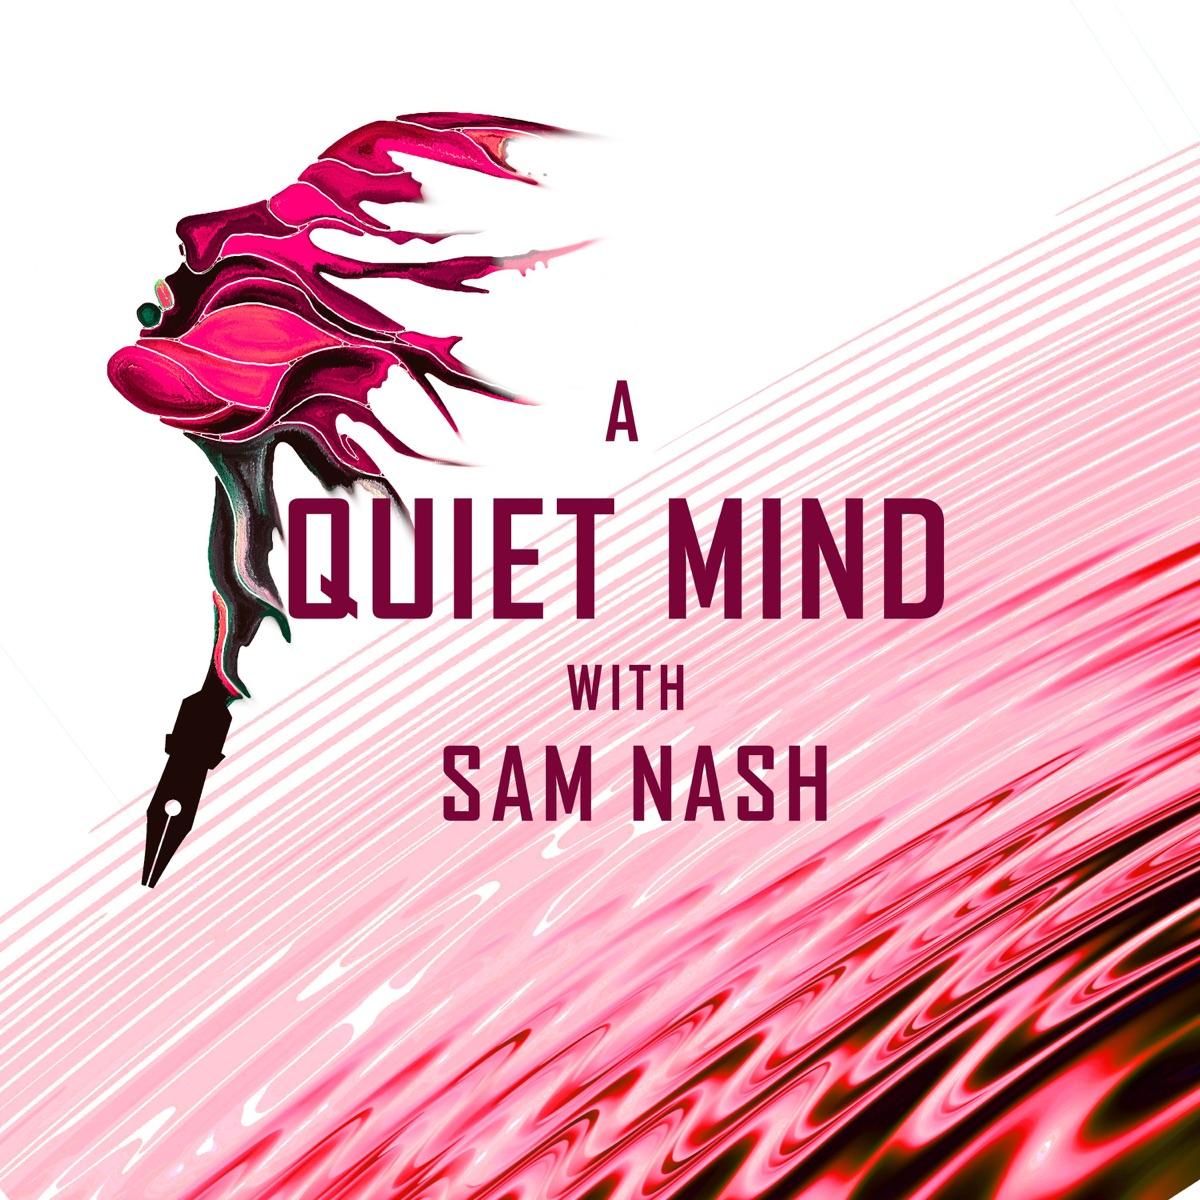 A Quiet Mind with Sam Nash